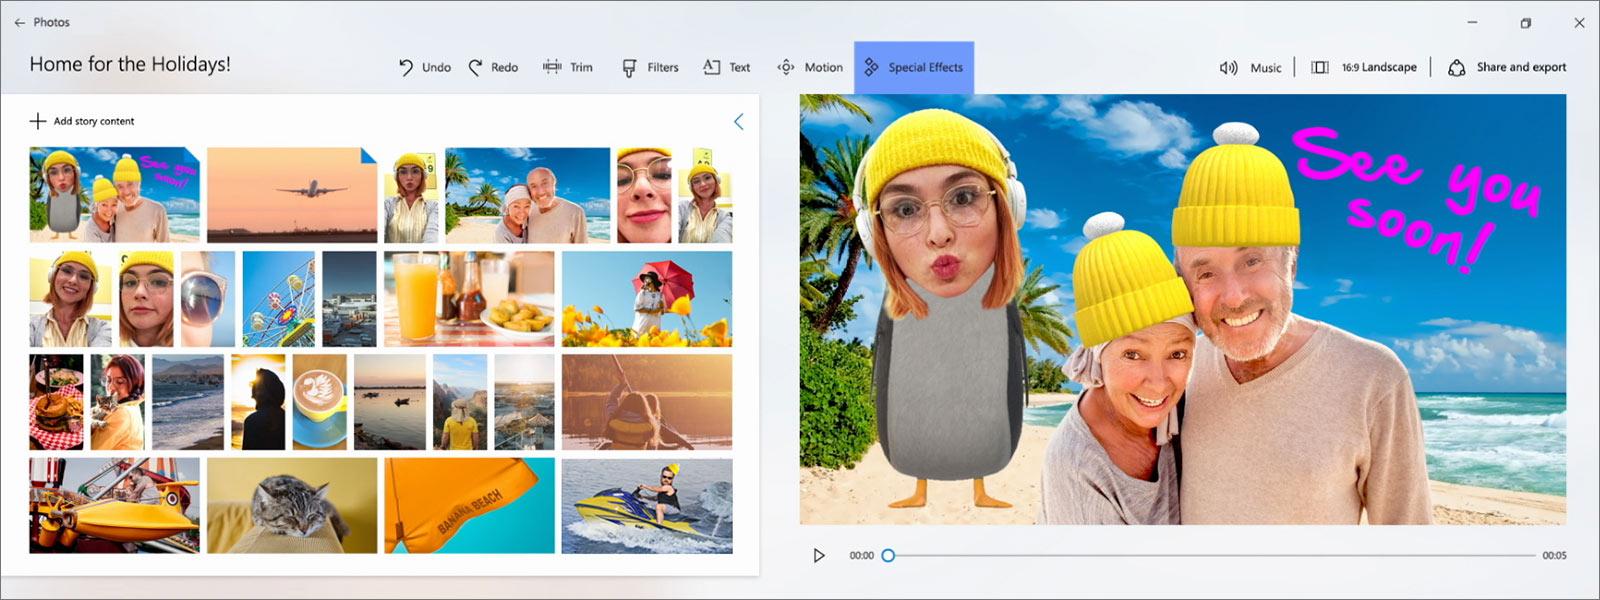 Aplicación Photos de Windows 10